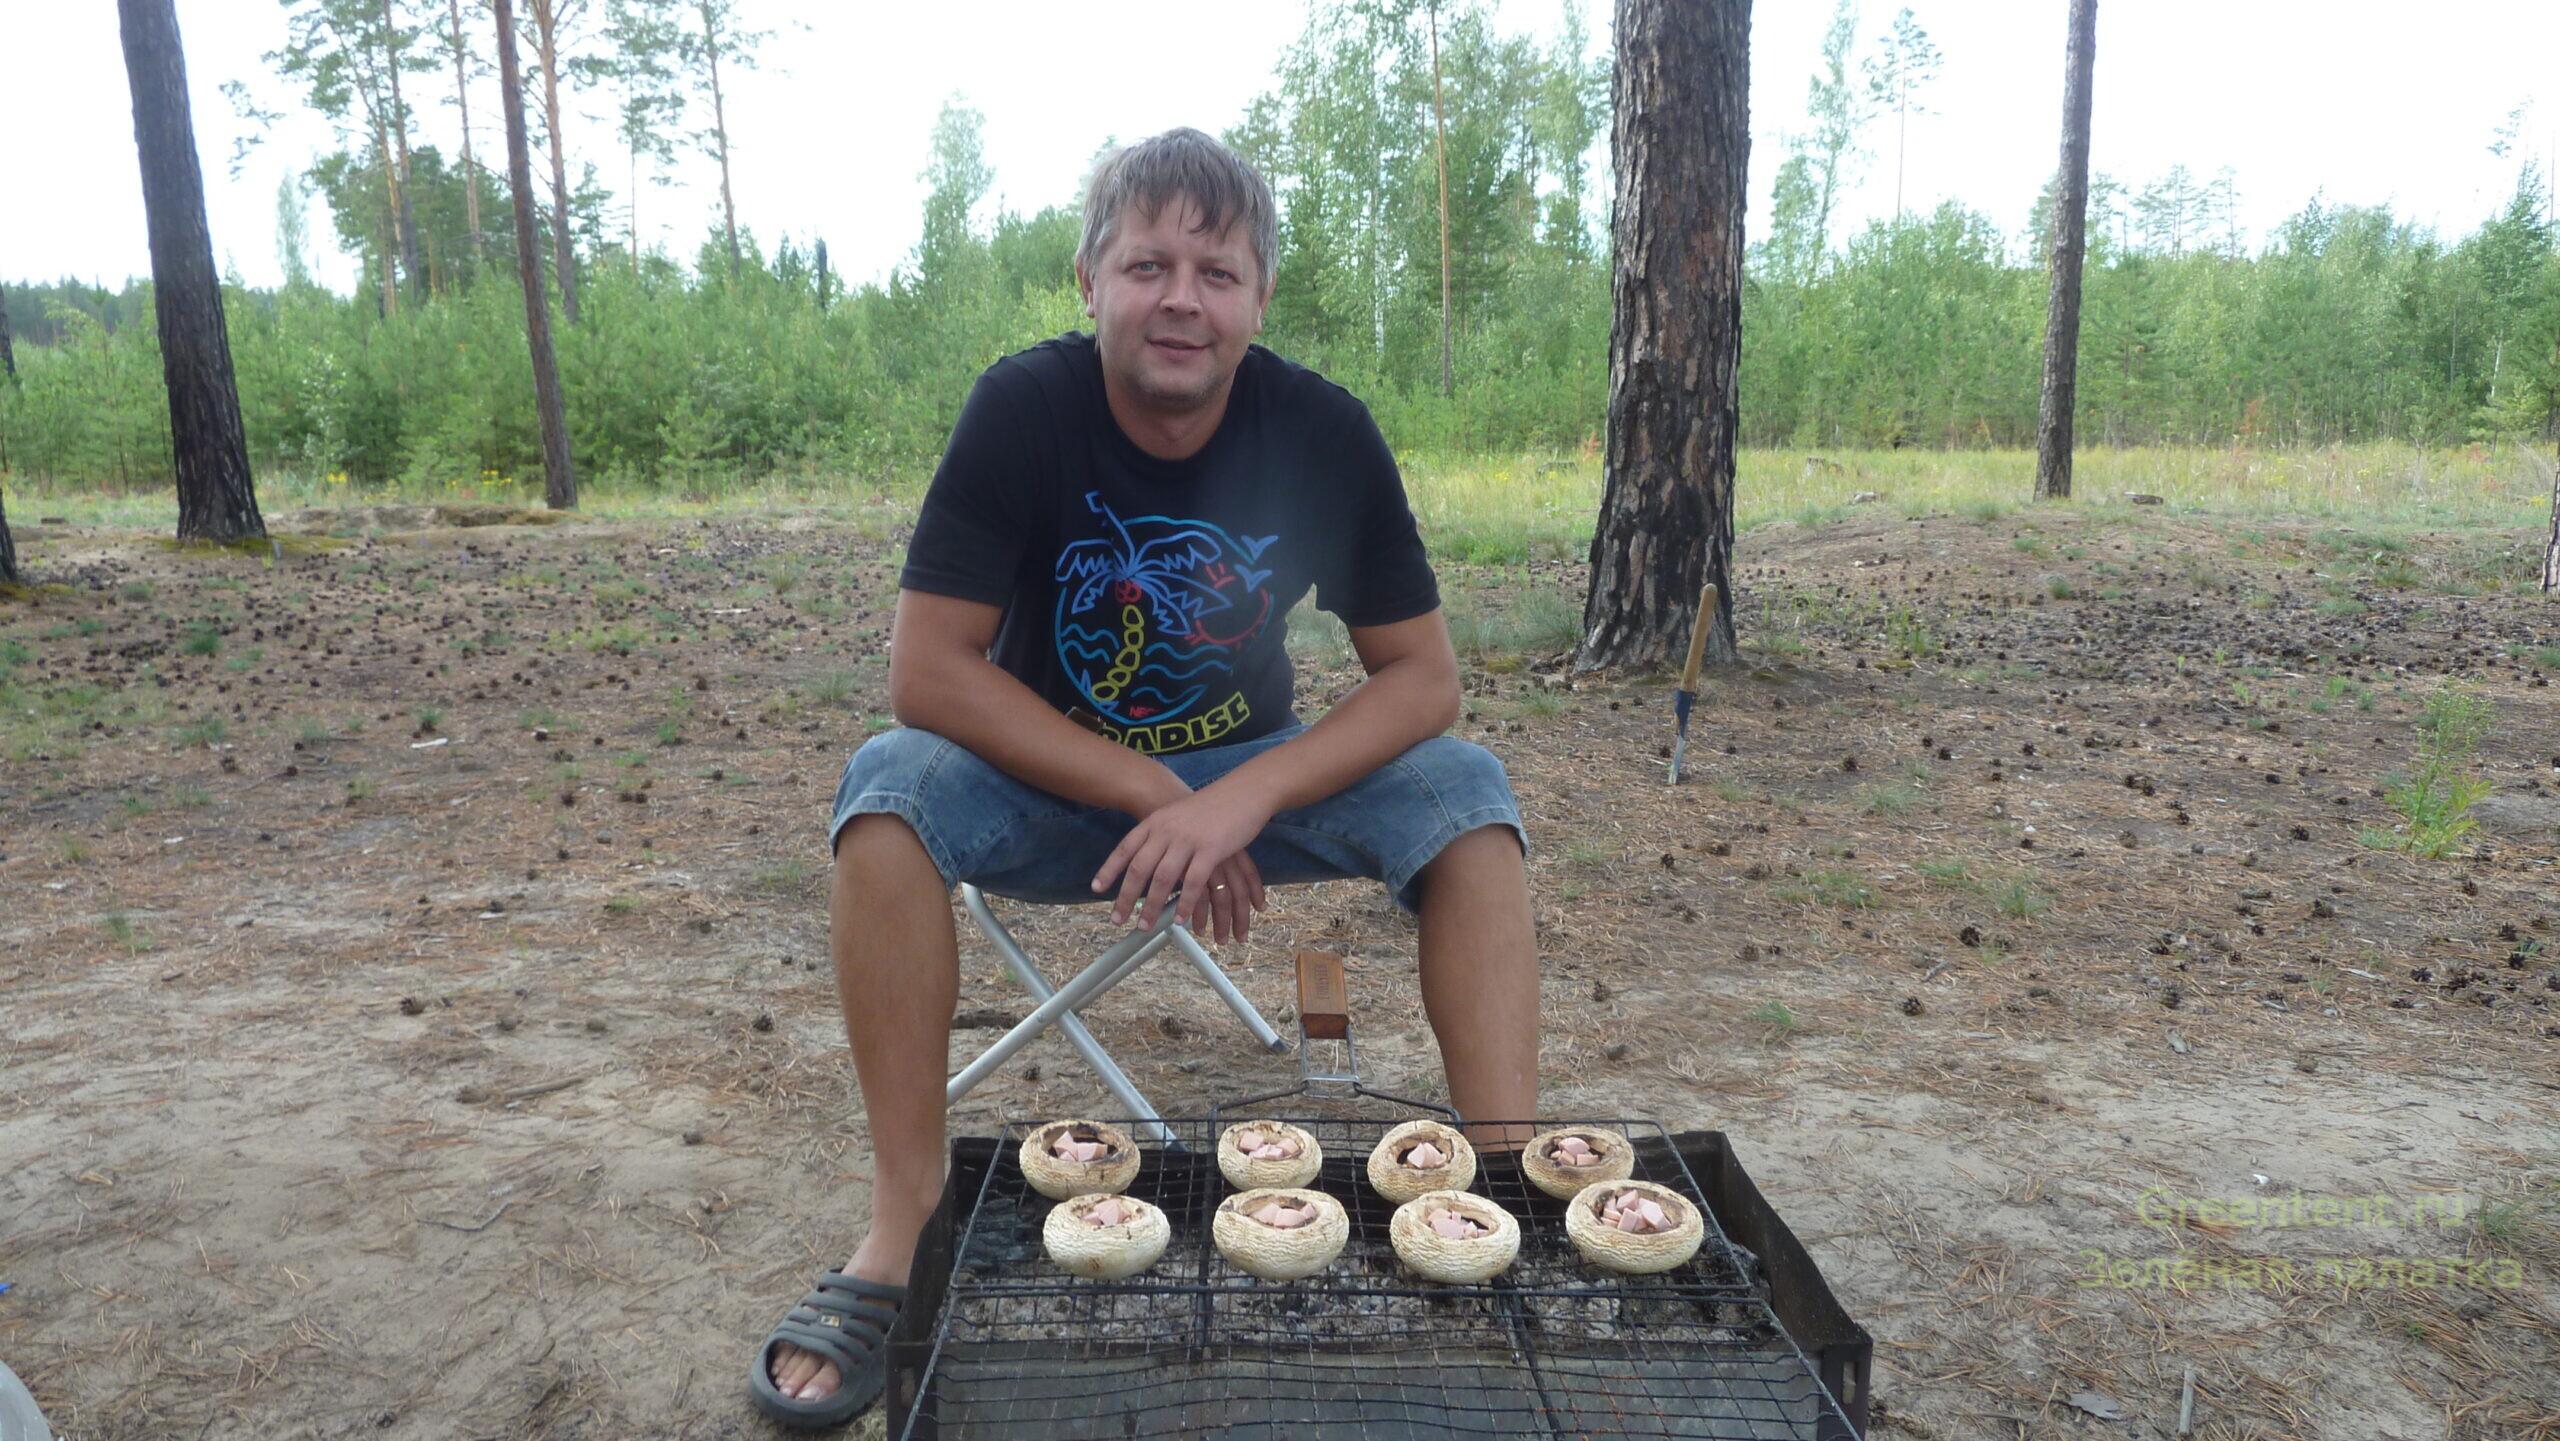 готовим на природе рецепт на костре грибы шампиньоны лес природа отдых с палатками дикарями